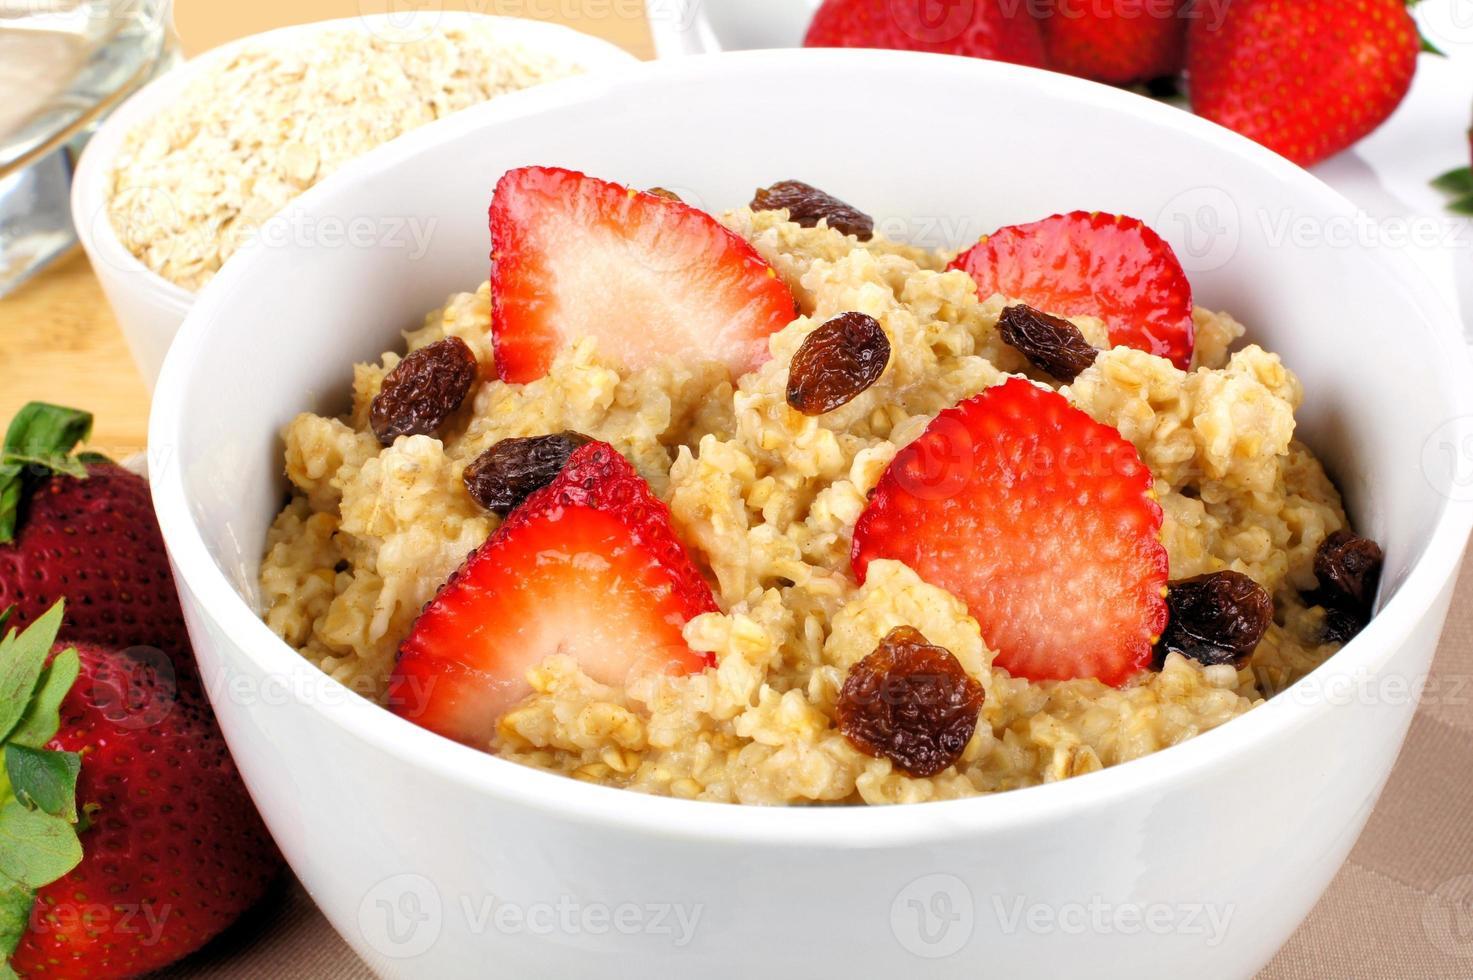 colazione a base di farina d'avena da vicino foto